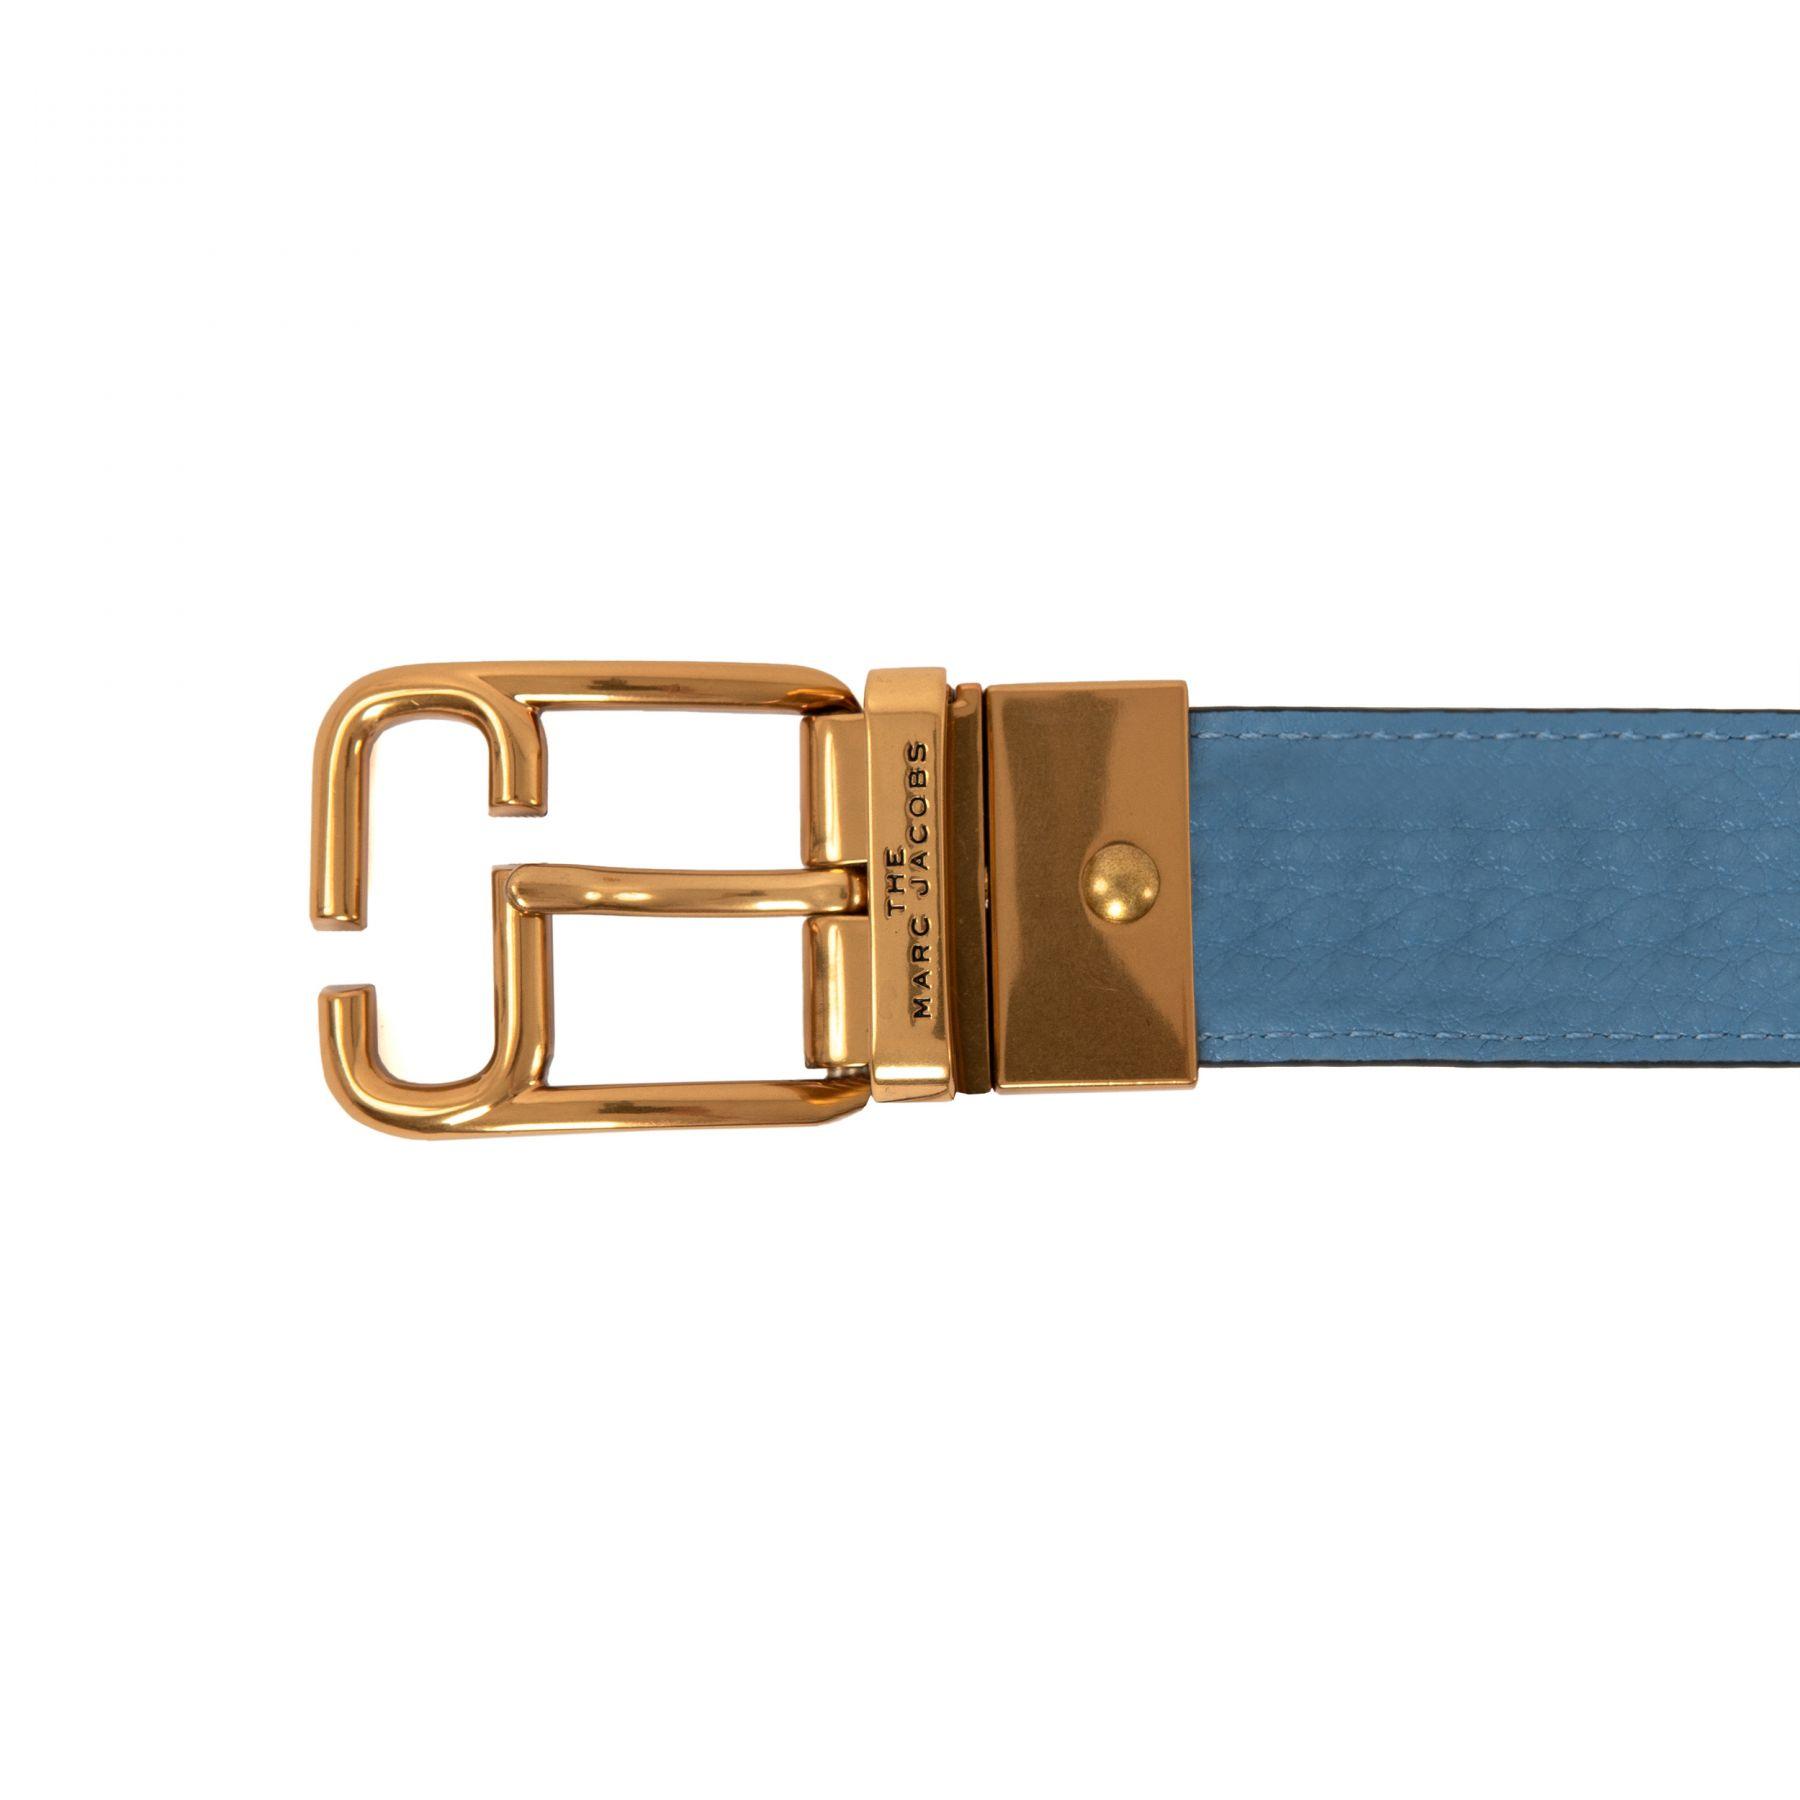 Ремень Marc Jacobs бежево-голубой